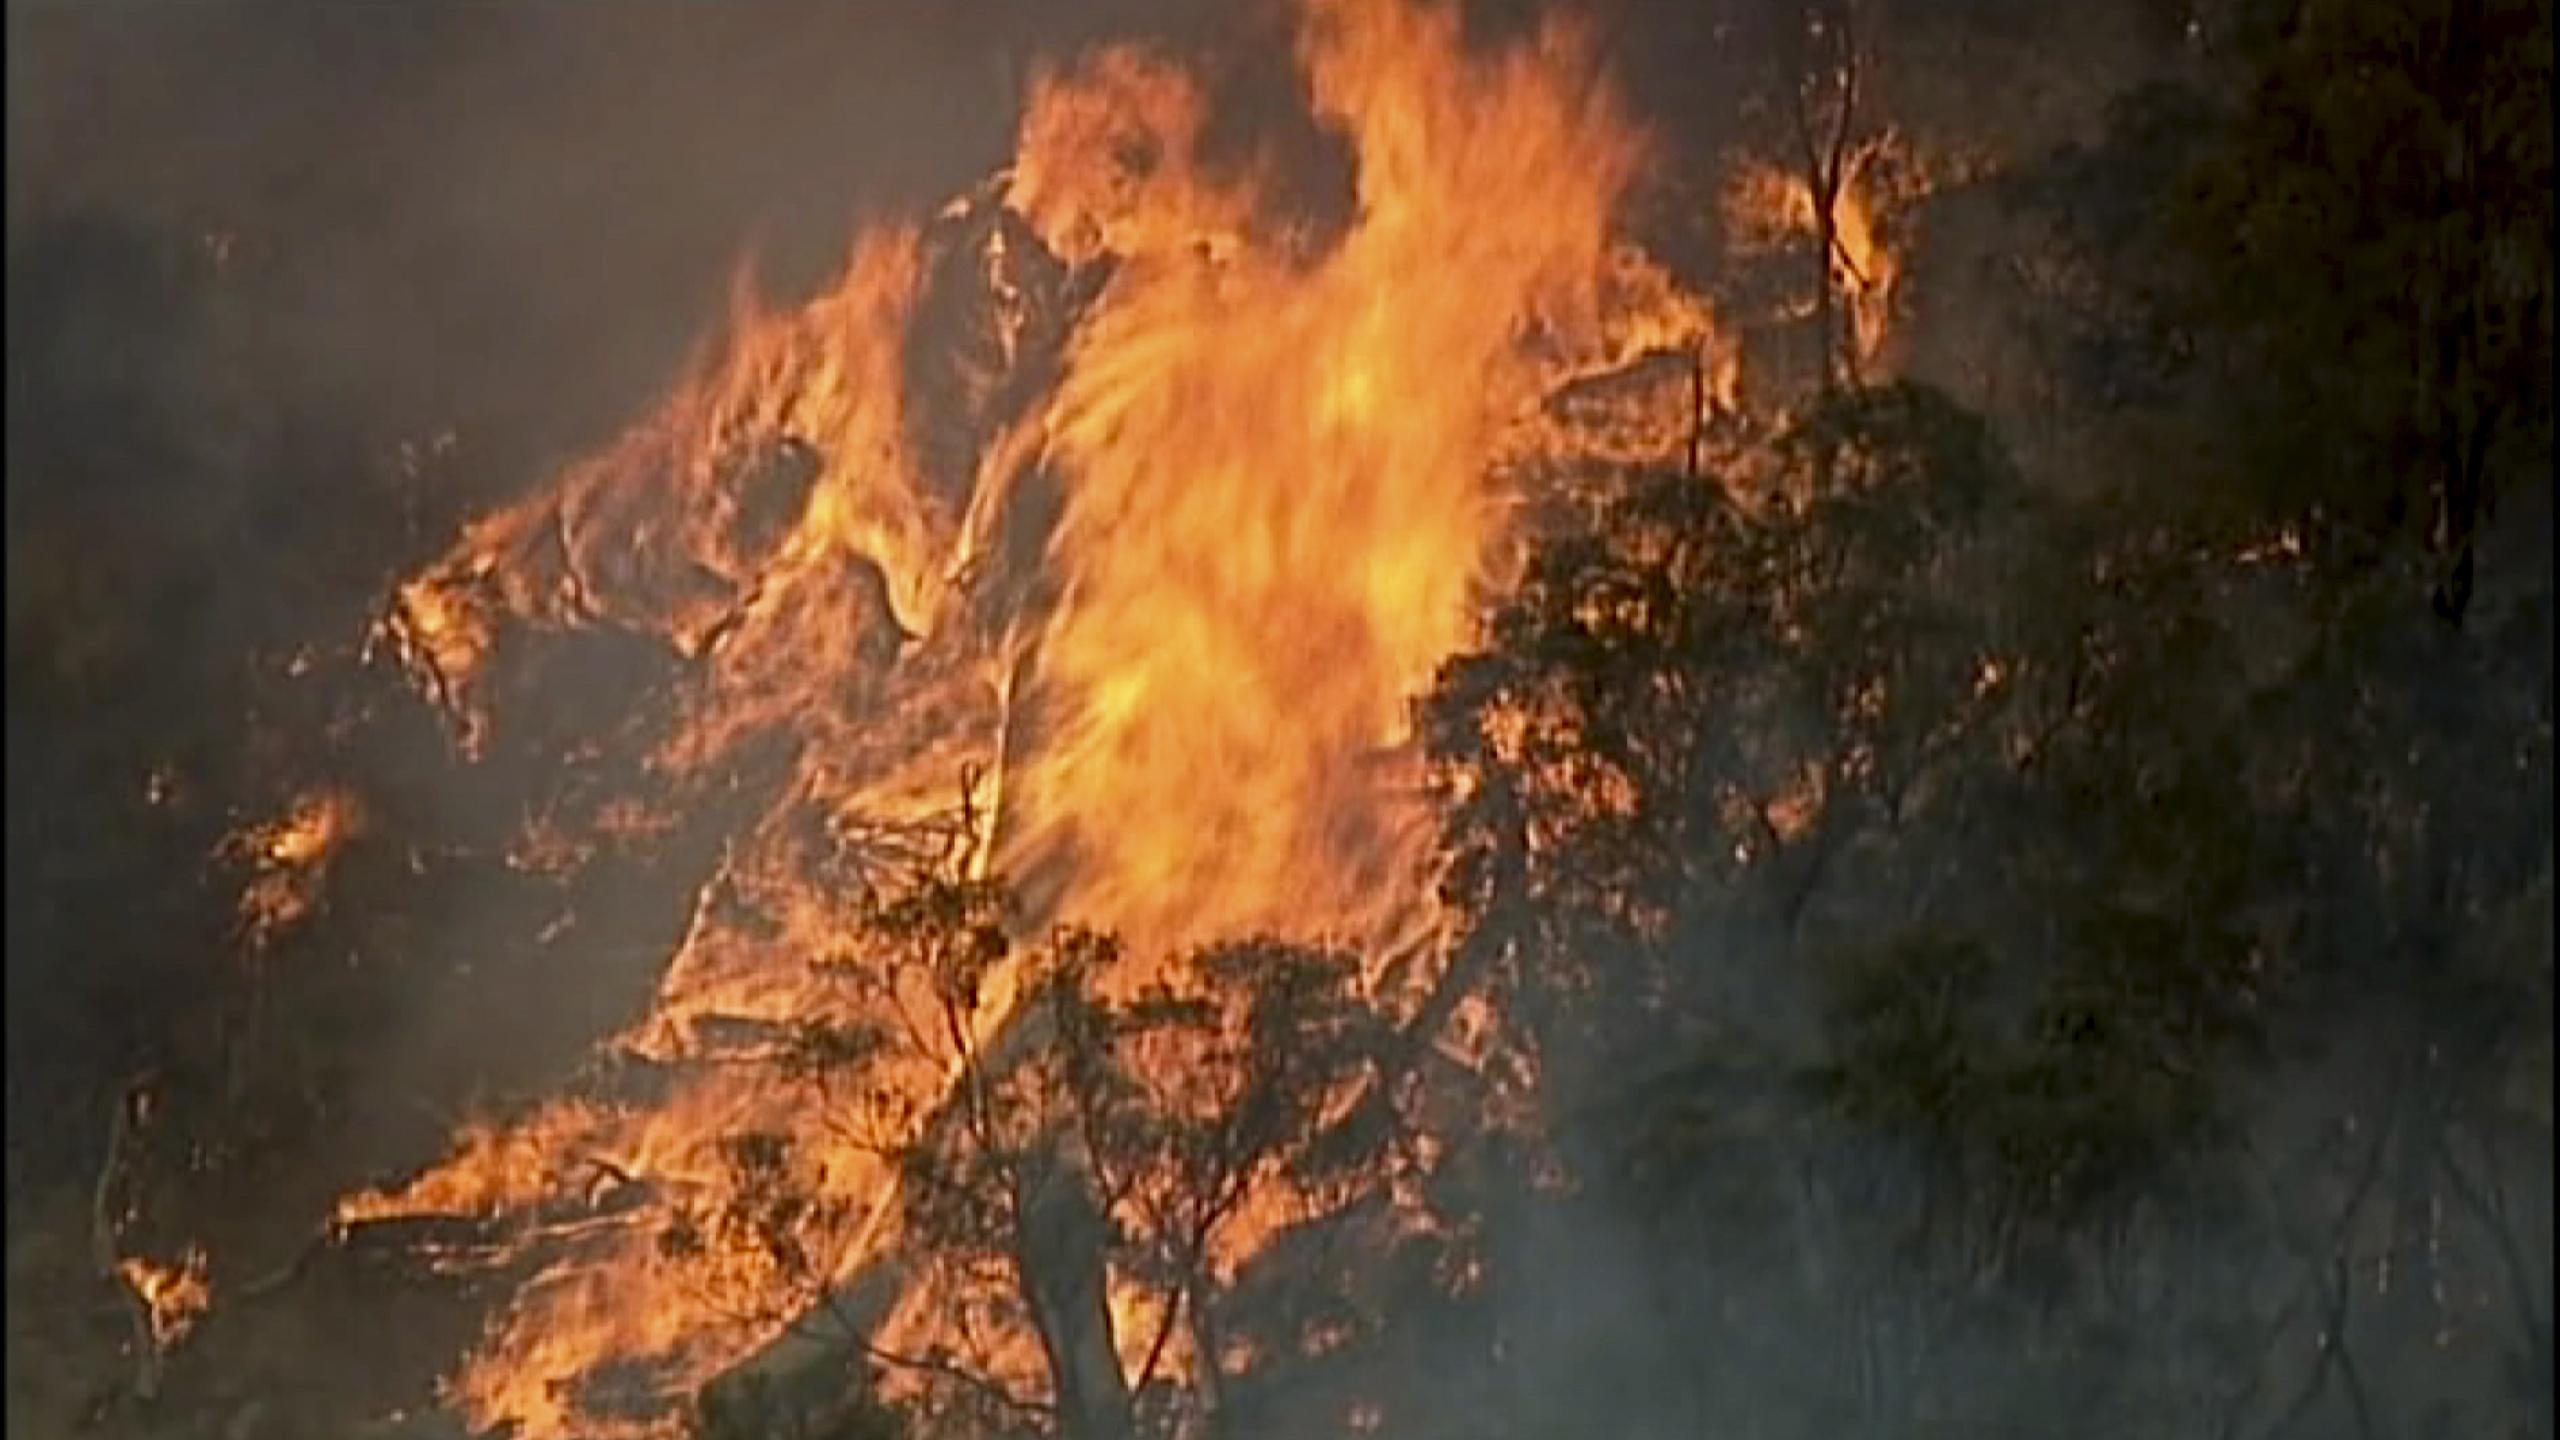 Incendio en Bundoora, en el estado de Victoria, Australia